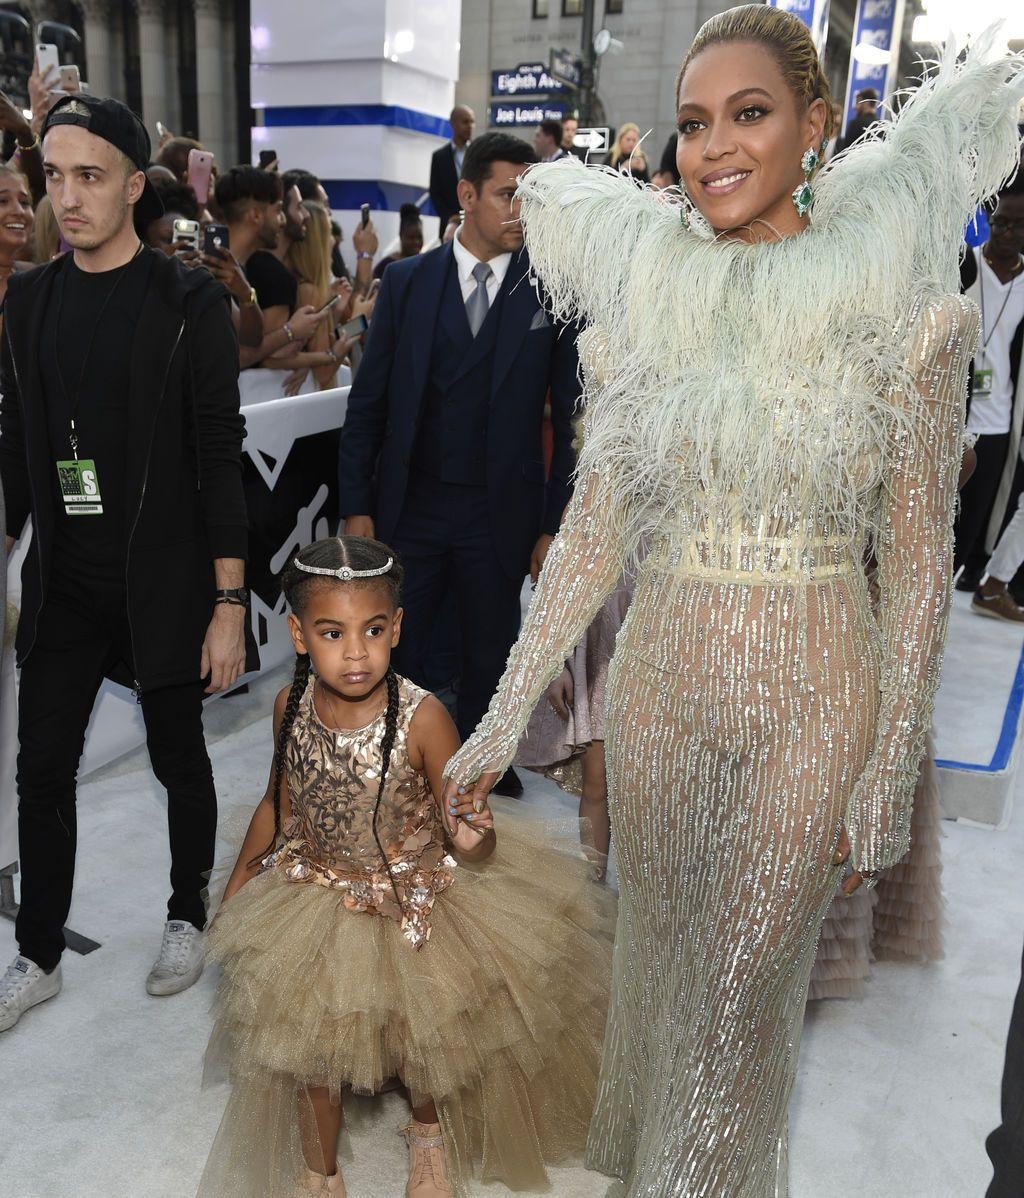 La hija de Beyoncé y Jay-Z puja 19.000 dólares por un cuadro